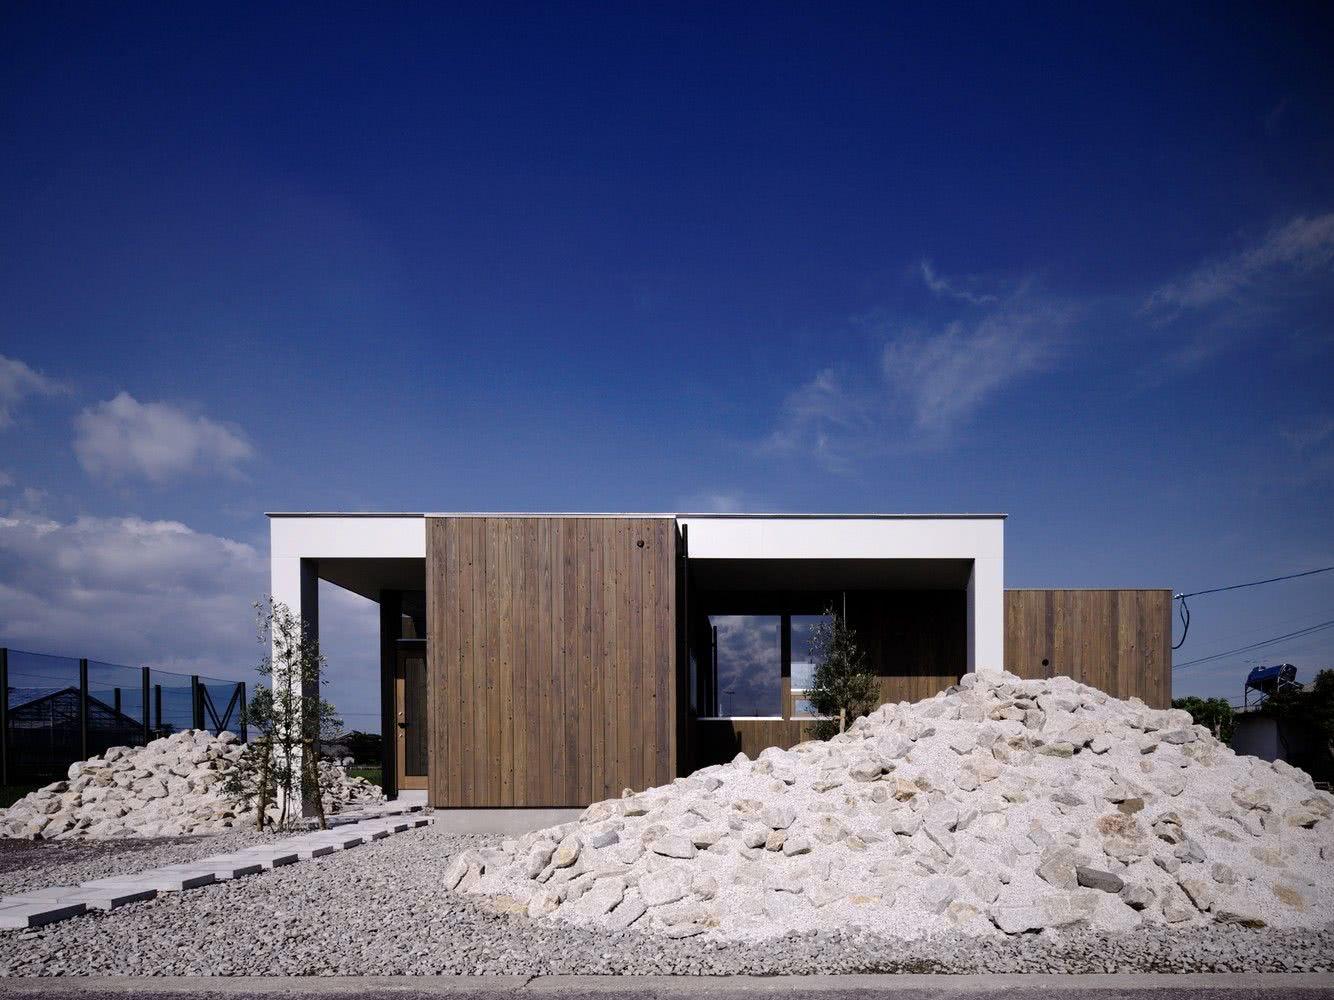 Casa térrea pequena com pintura branca e revestimento em madeira.